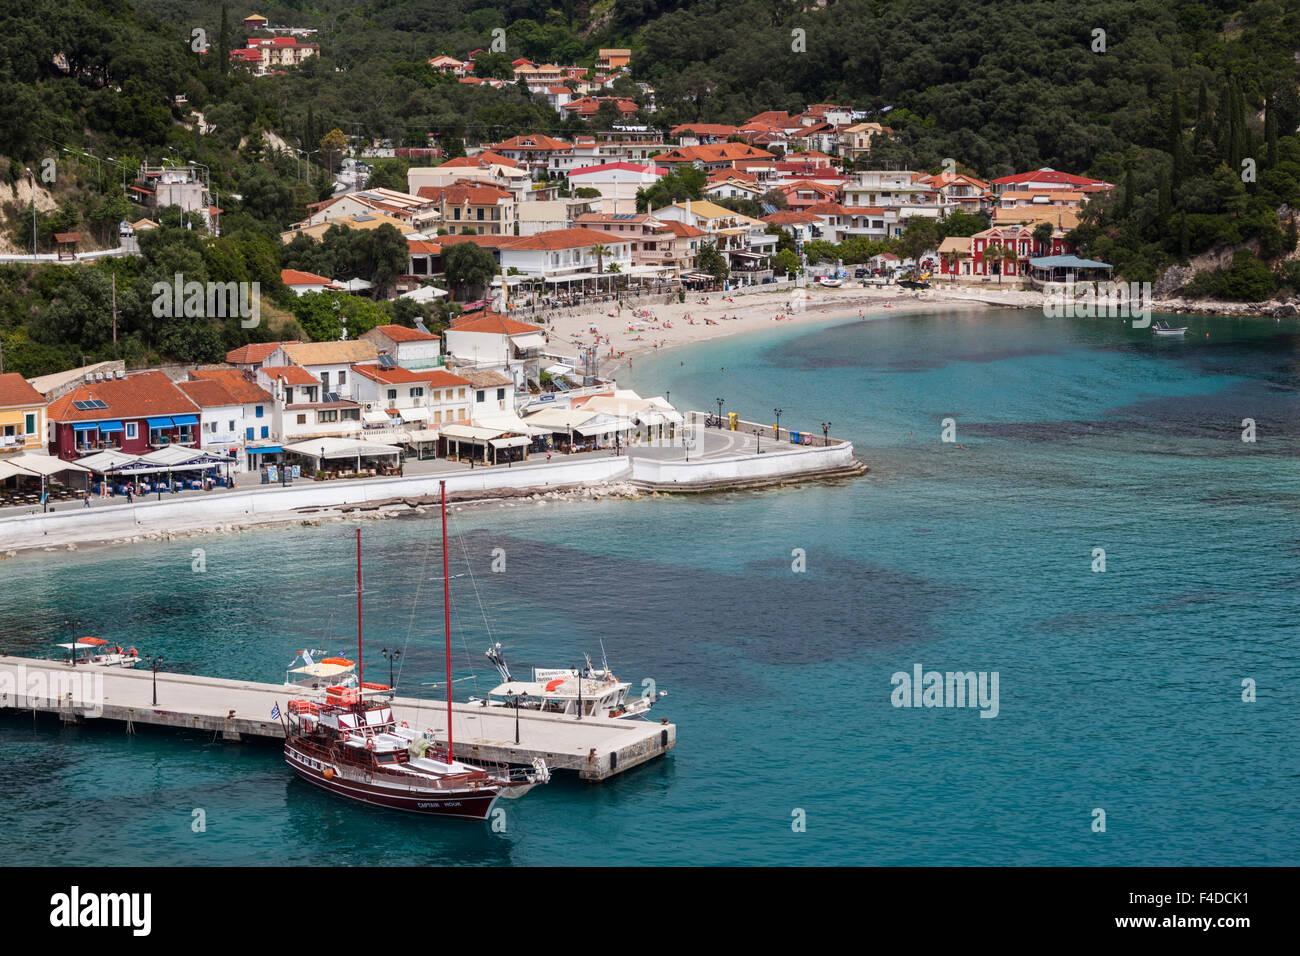 Griechenland, Epirus, Parga, erhöhten Blick auf die Stadt von der venezianischen Burg Stockbild